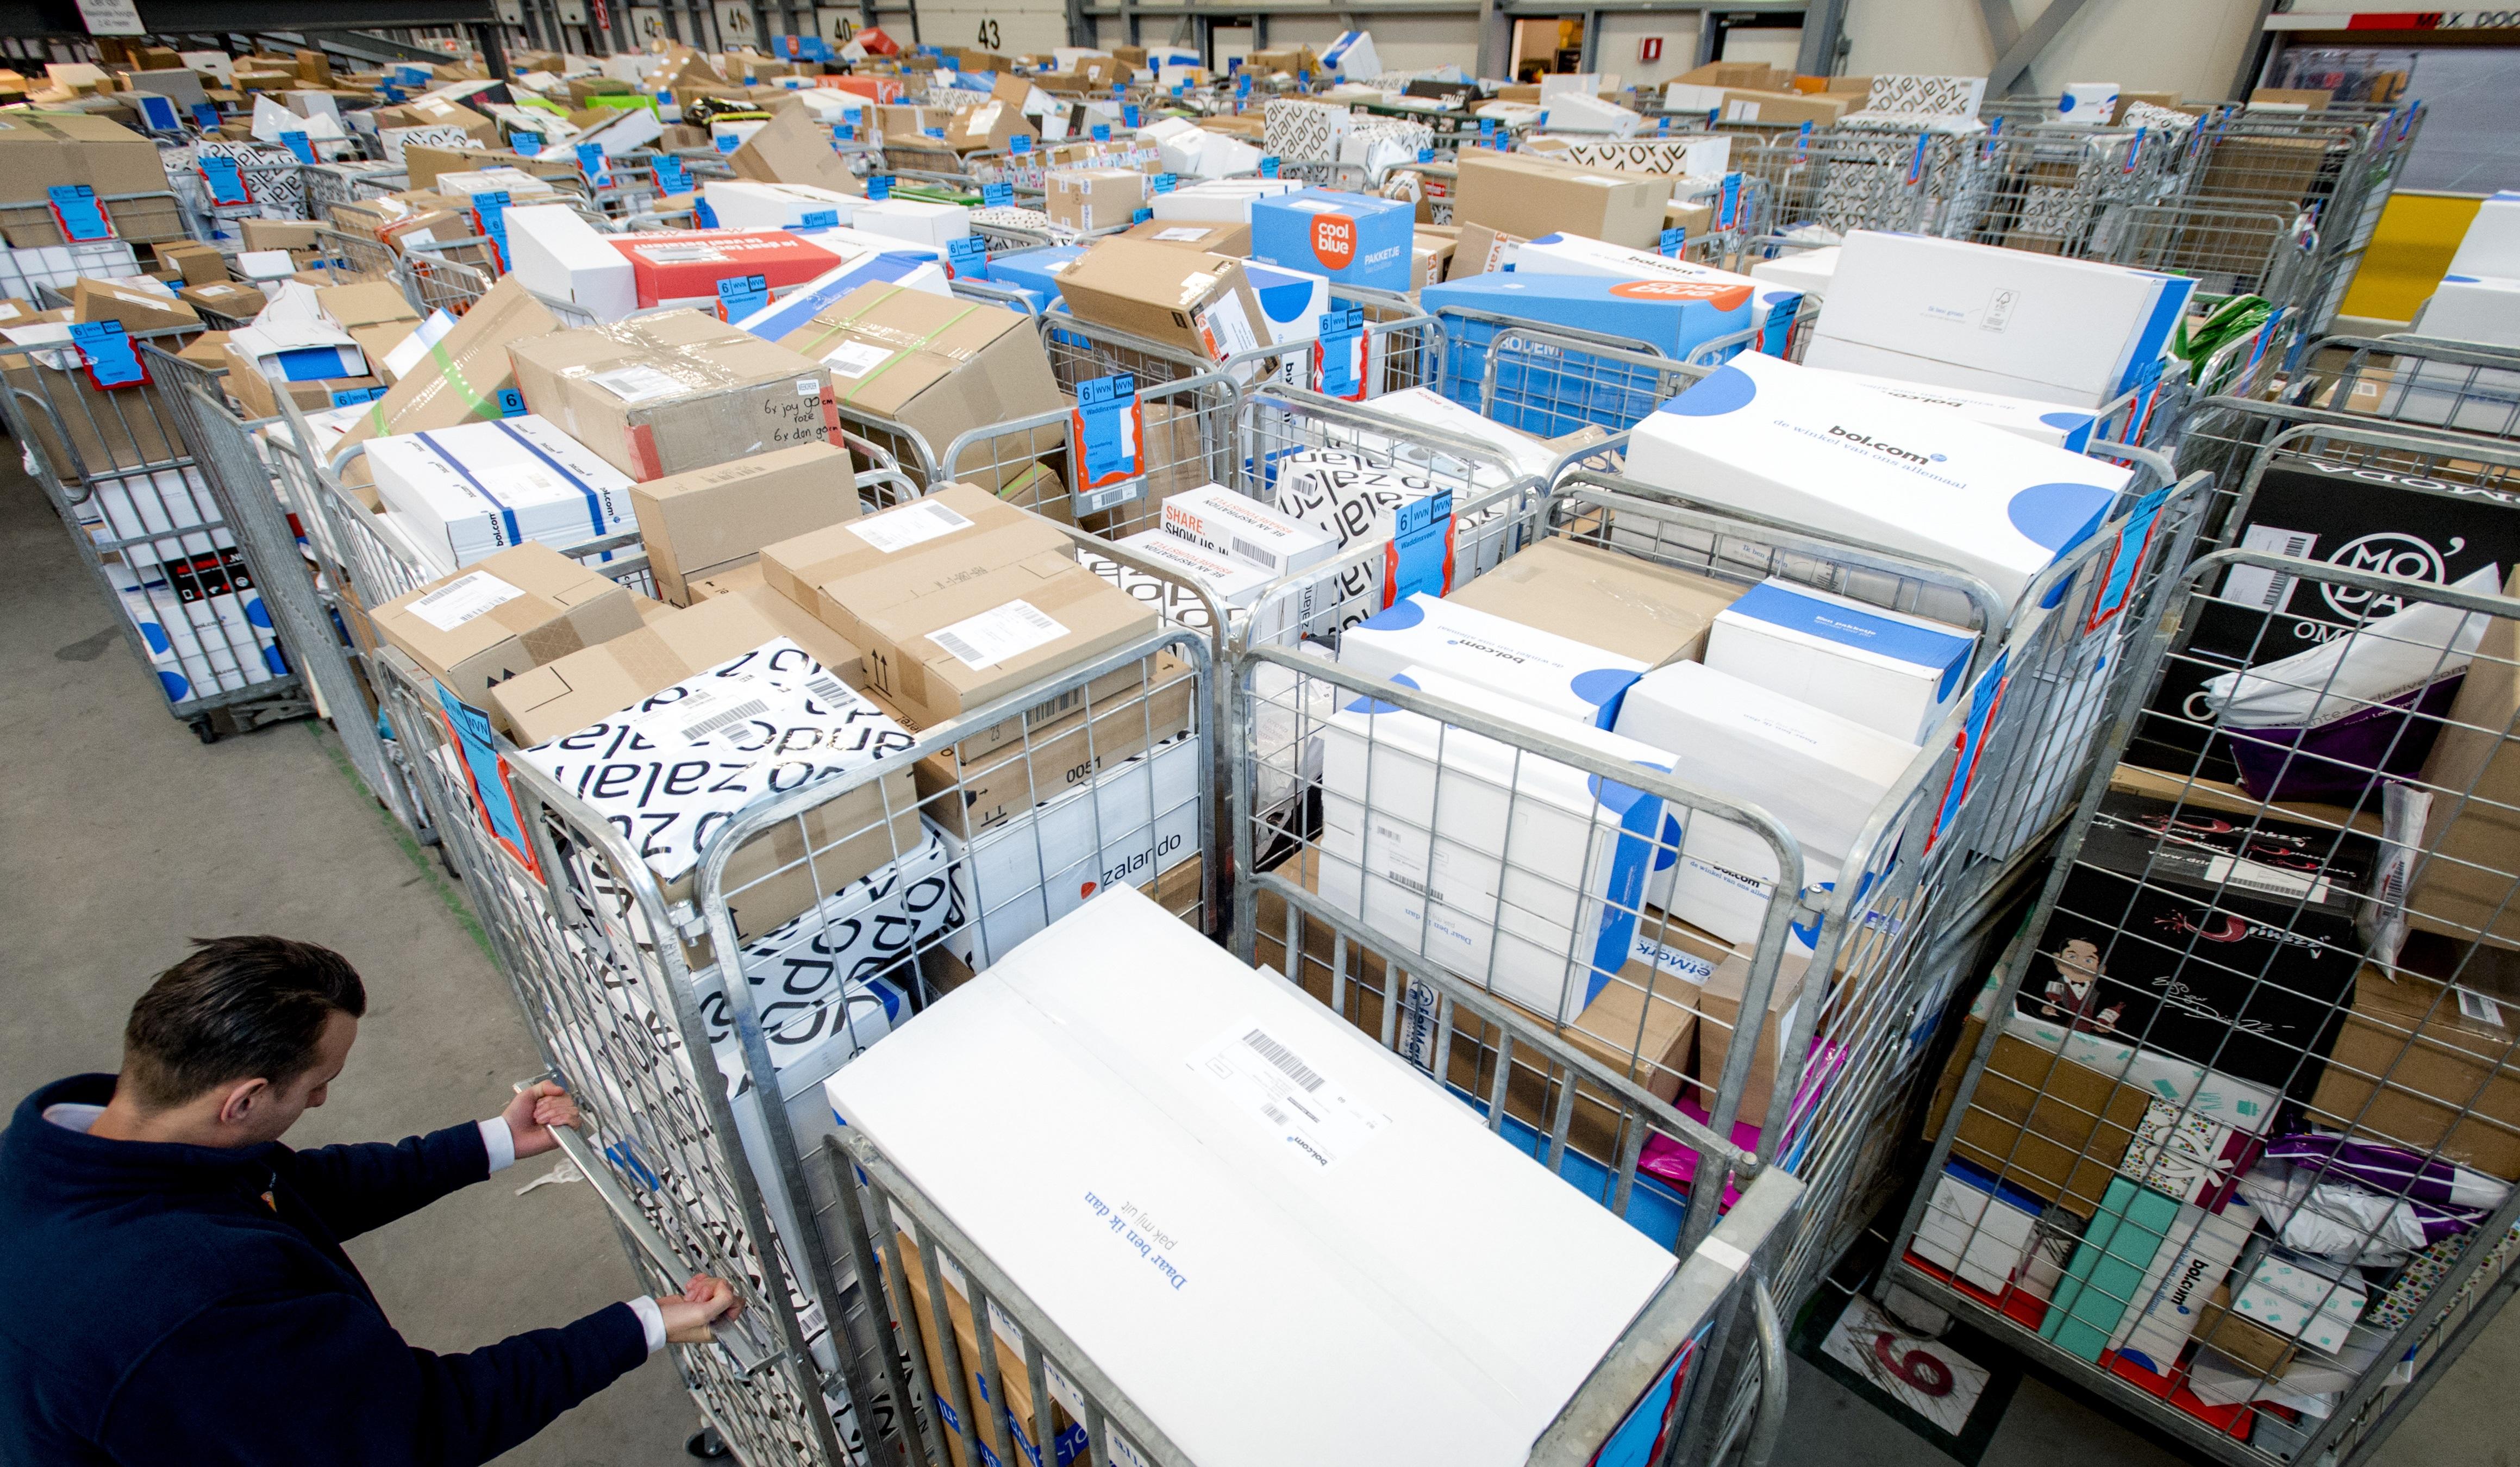 2ef04f1cf29b51 Black Friday zorgt voor tsunami aan pakketverzendingen - Logistiek